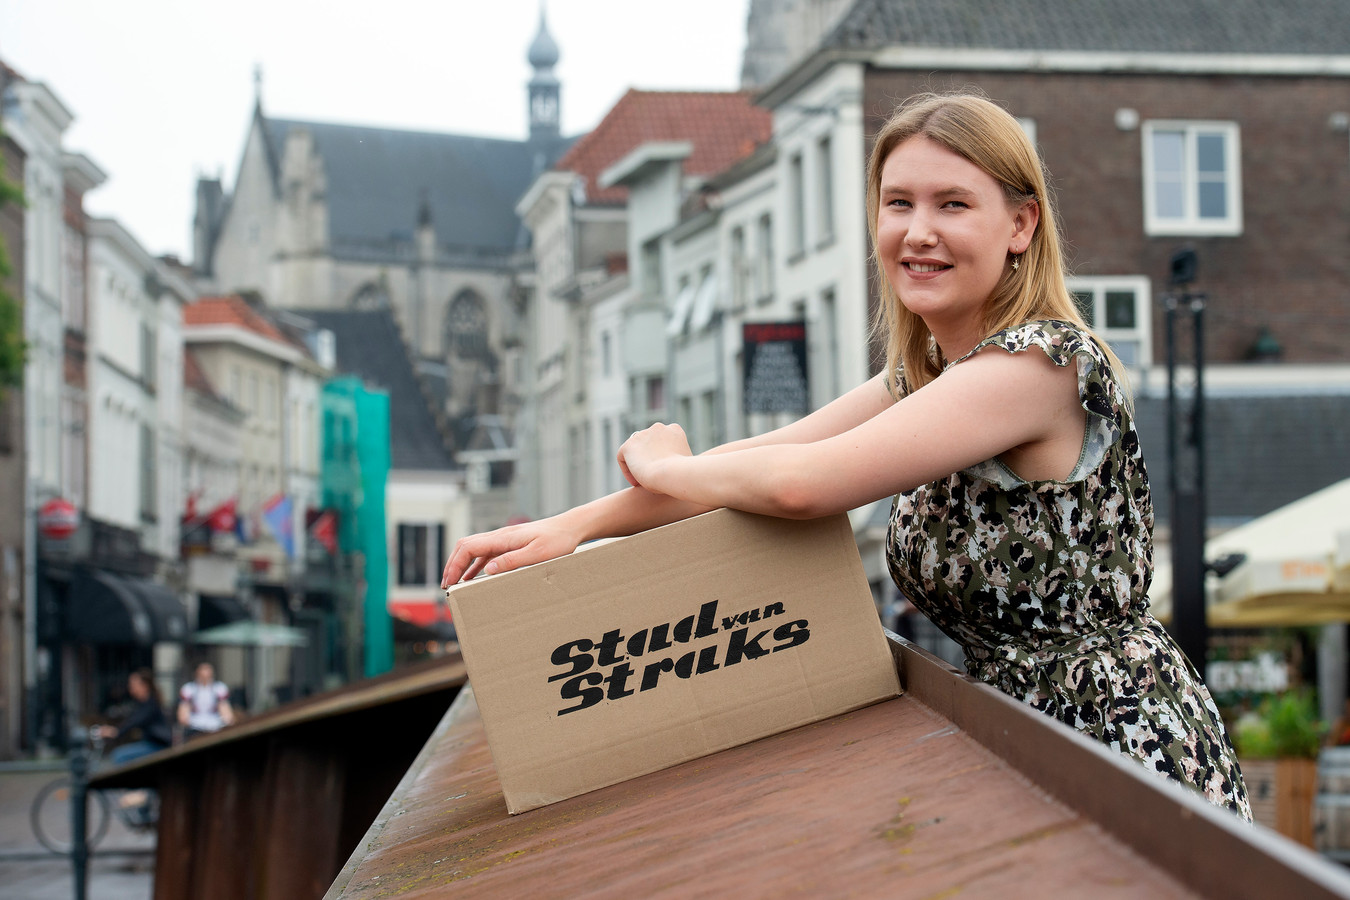 In een driedelige podcastserie spreekt communicatiestudente Imke Vaes met verschillende jonge inwoners van Breda.